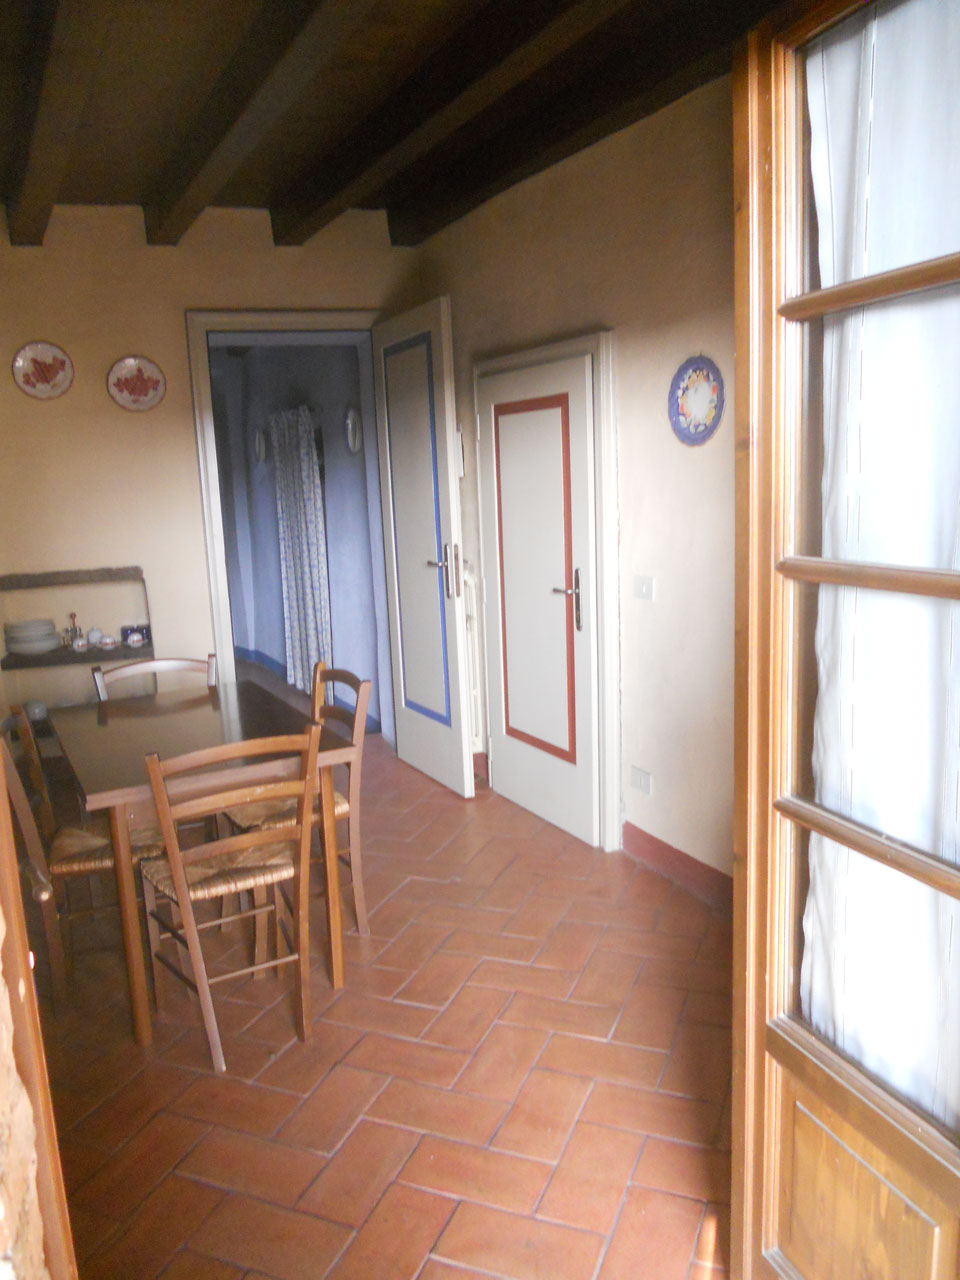 soggiorni al Castello di Bornato - scorcio di appartamento dal ...